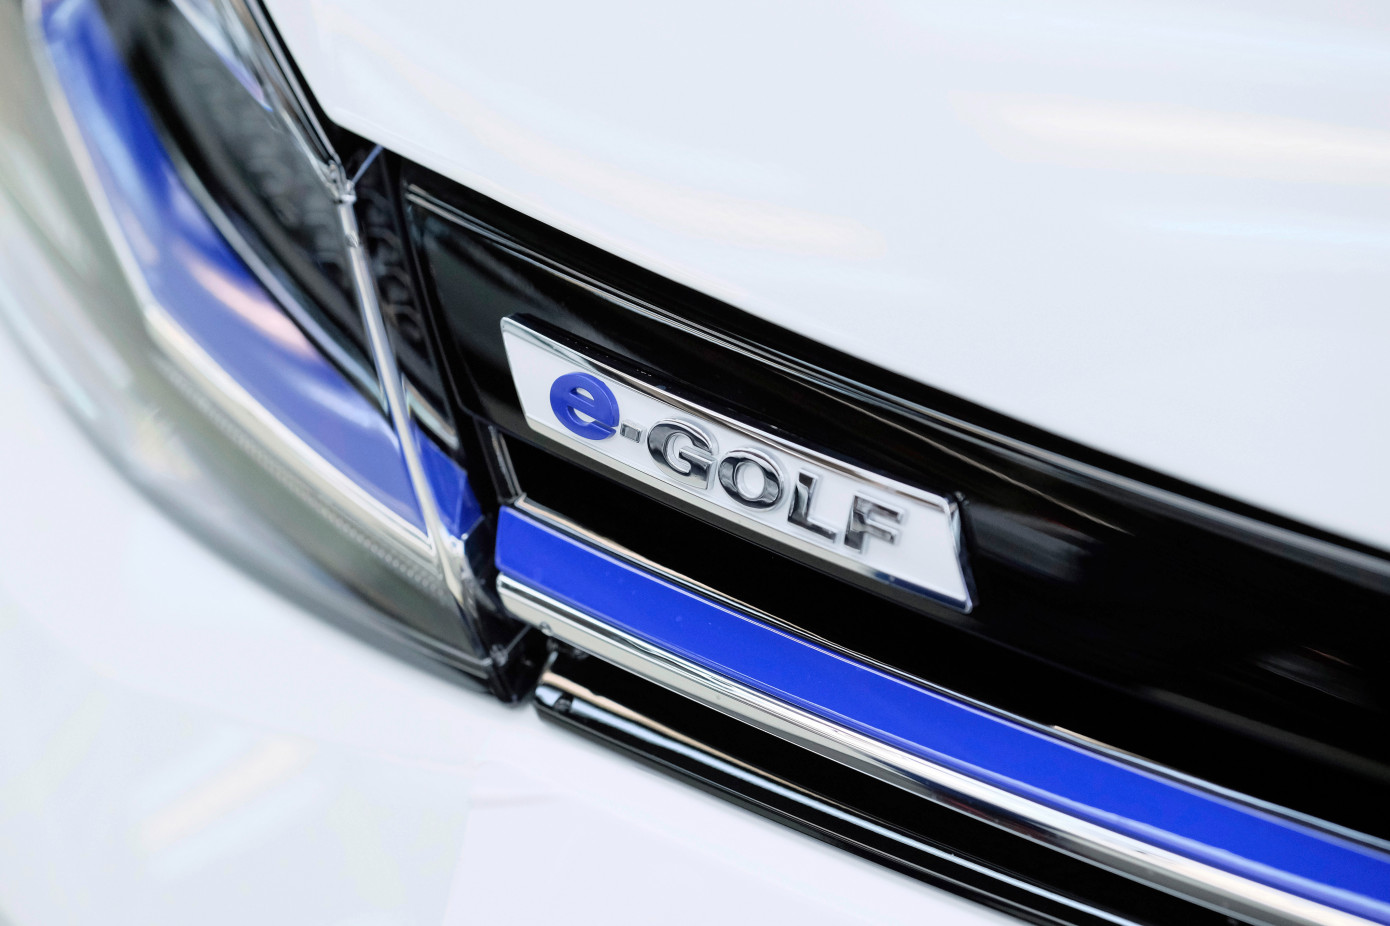 VW выходит нарынок каршеринга электромобилей вГермании